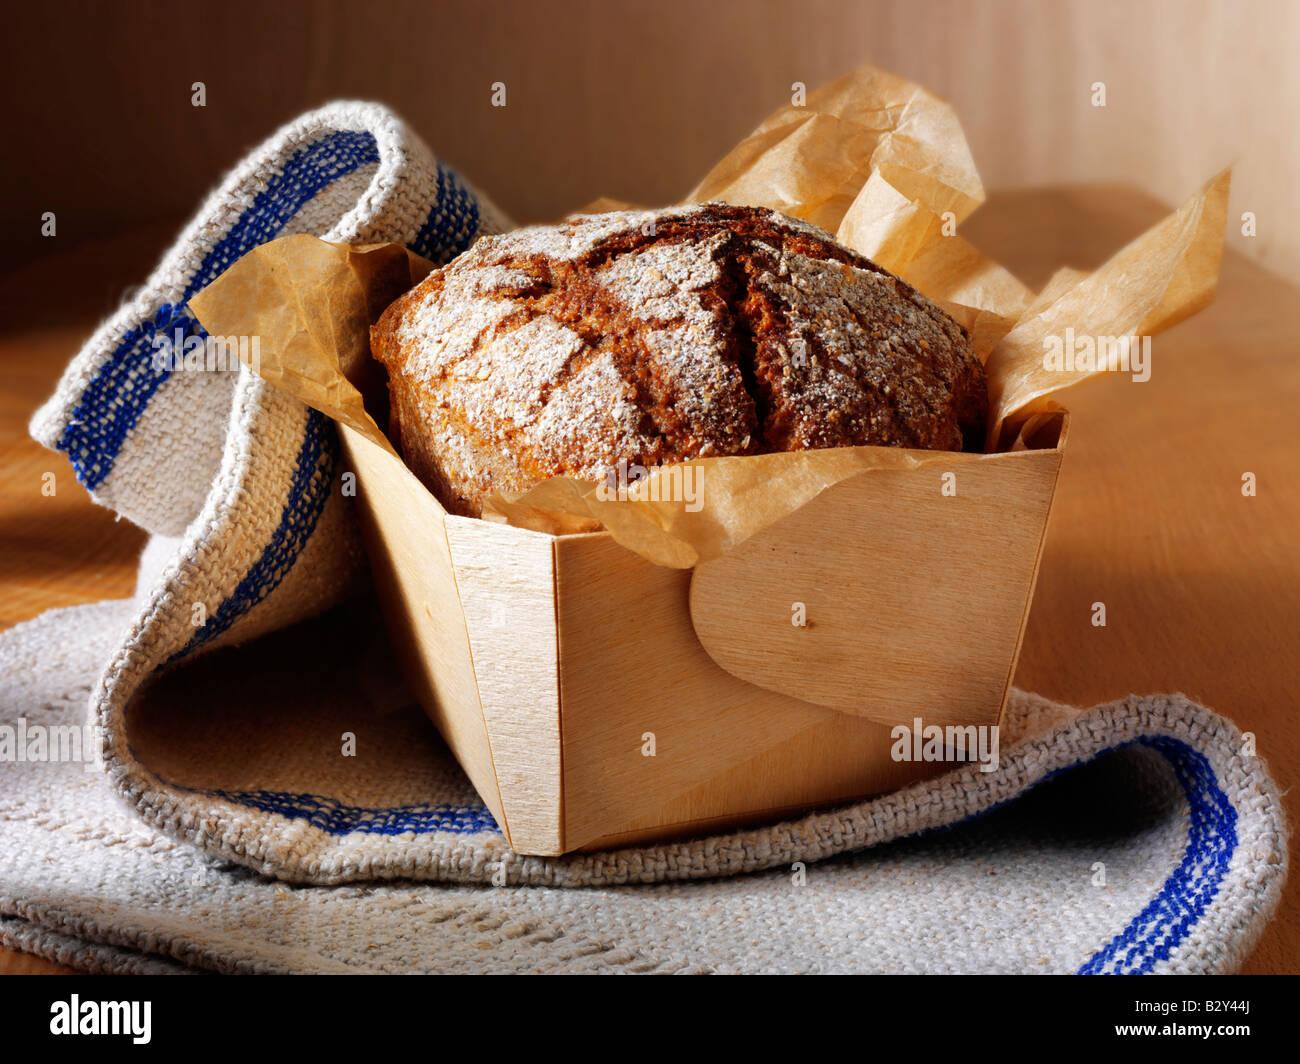 Loaf of artisan Deli Rye loaf of bread - Stock Image